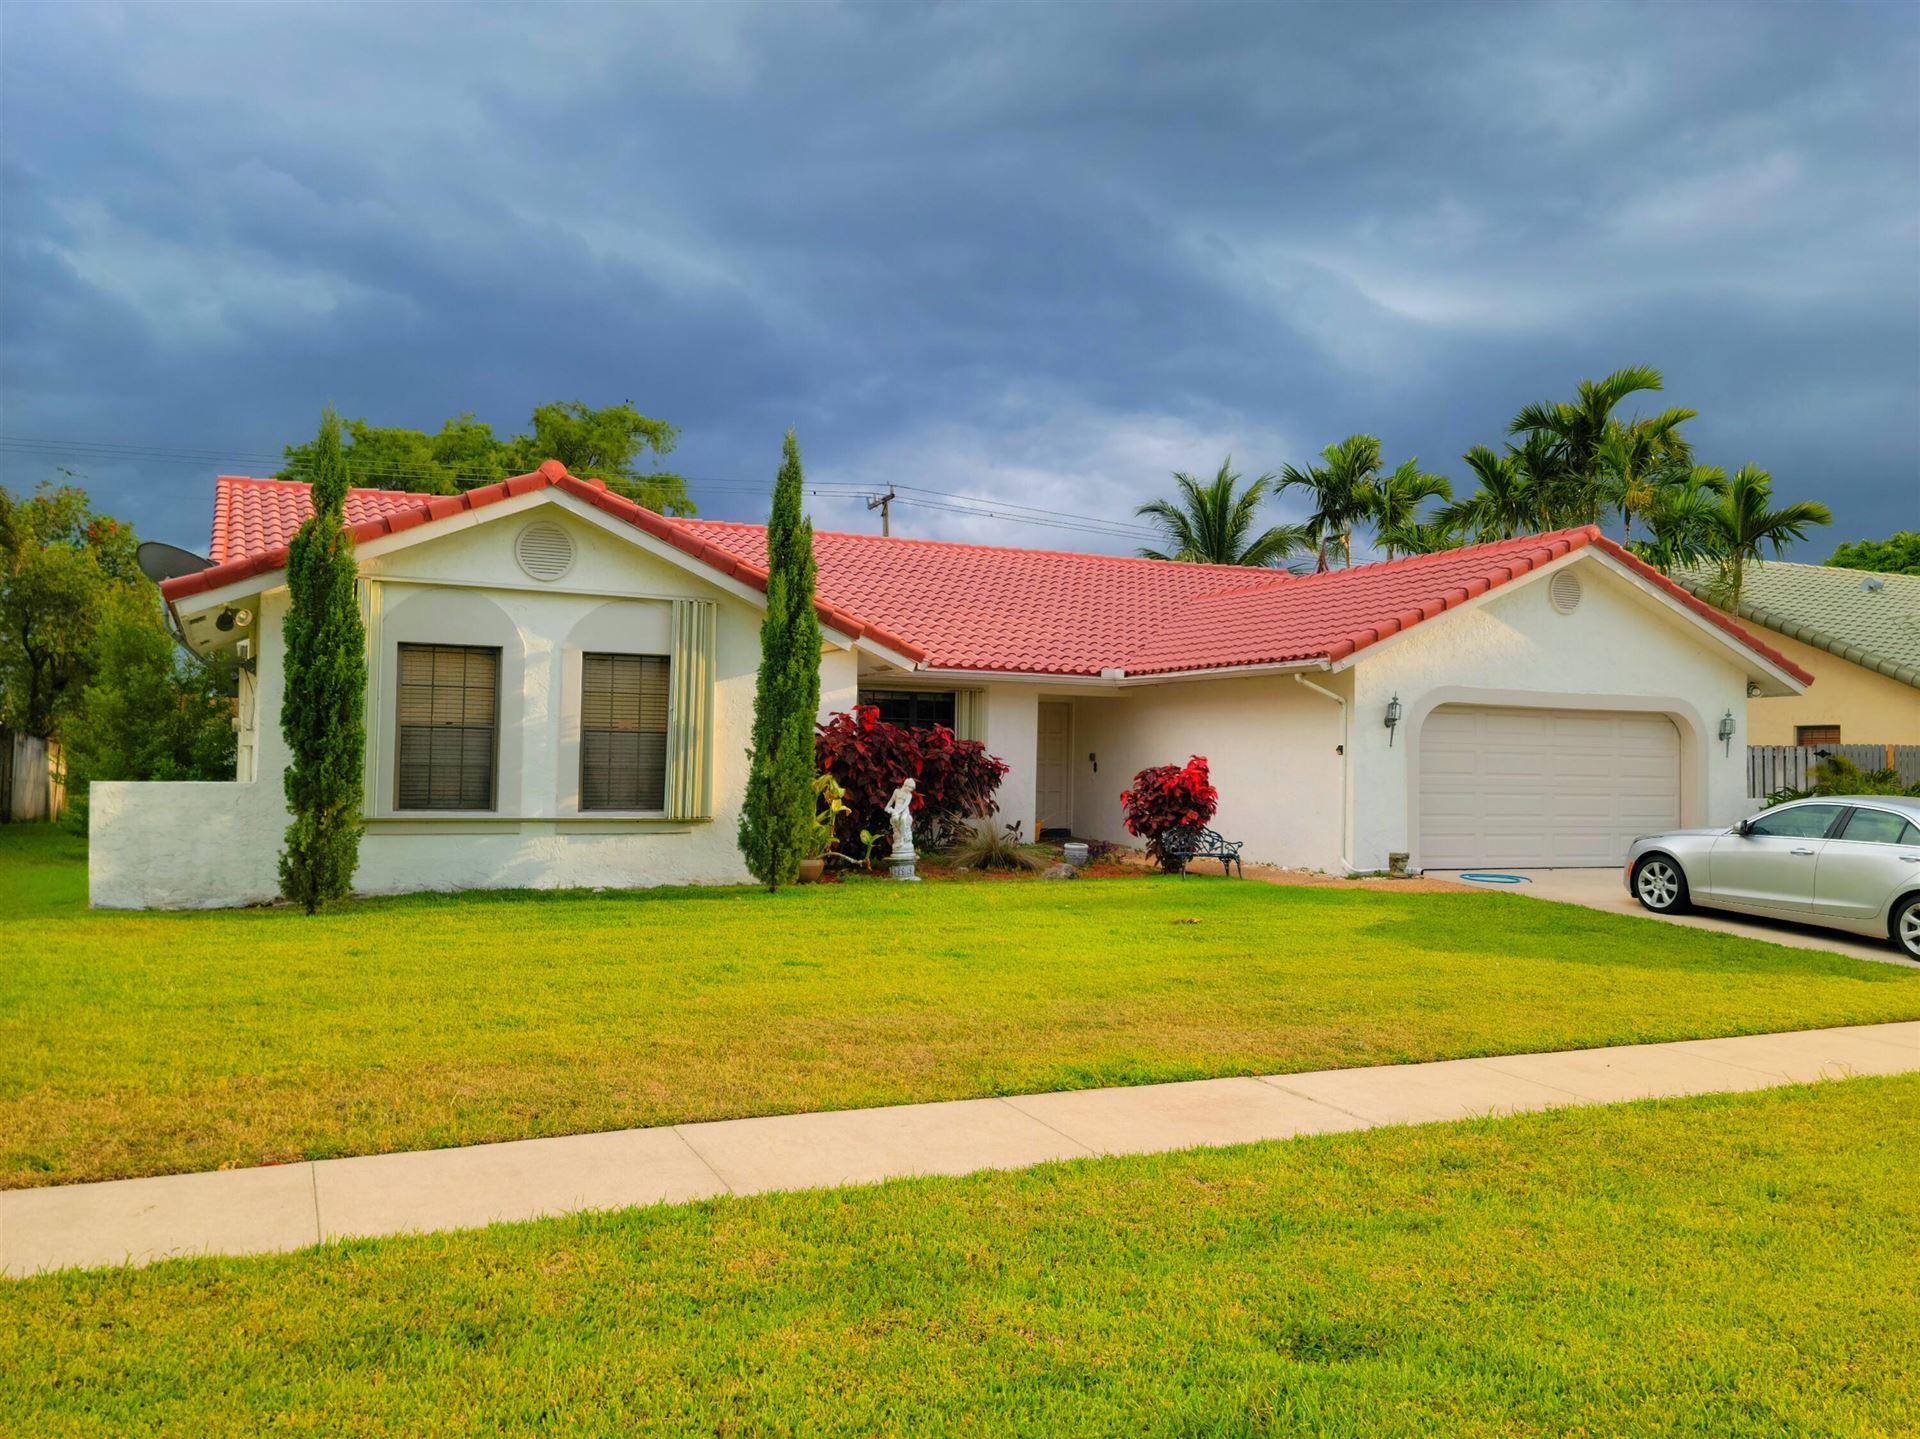 Photo of 22419 Martella Avenue, Boca Raton, FL 33433 (MLS # RX-10714451)